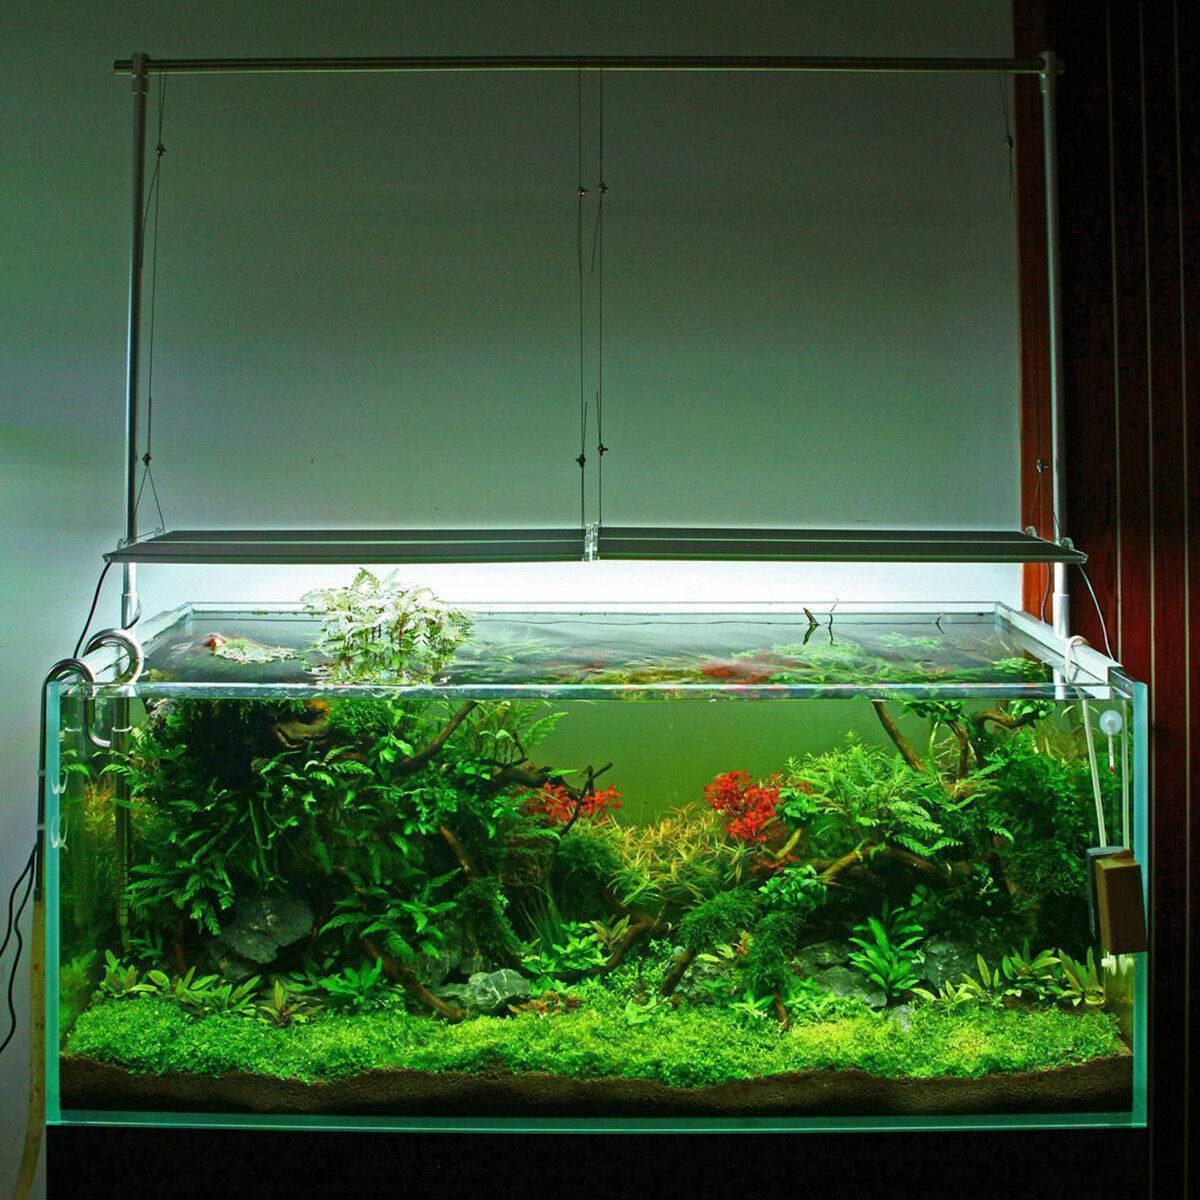 Светодиодное освещение для аквариумных растений: светодиоды и светодиодные массивы   аквариумные рыбки